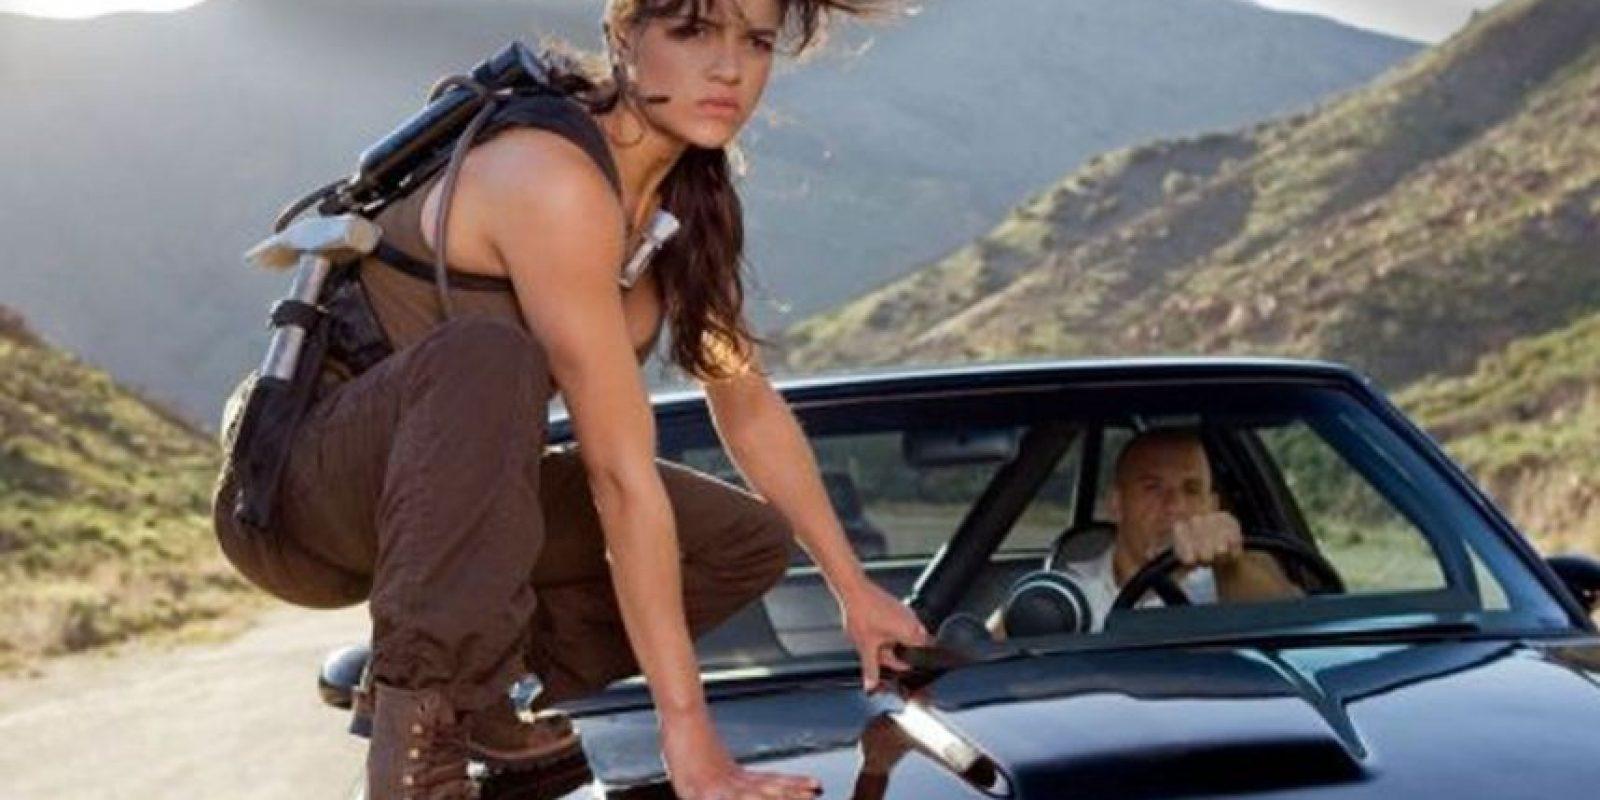 Michelle Rodríguez no tenía licencia de conducir antes de empezar la filmación. Foto:Universal